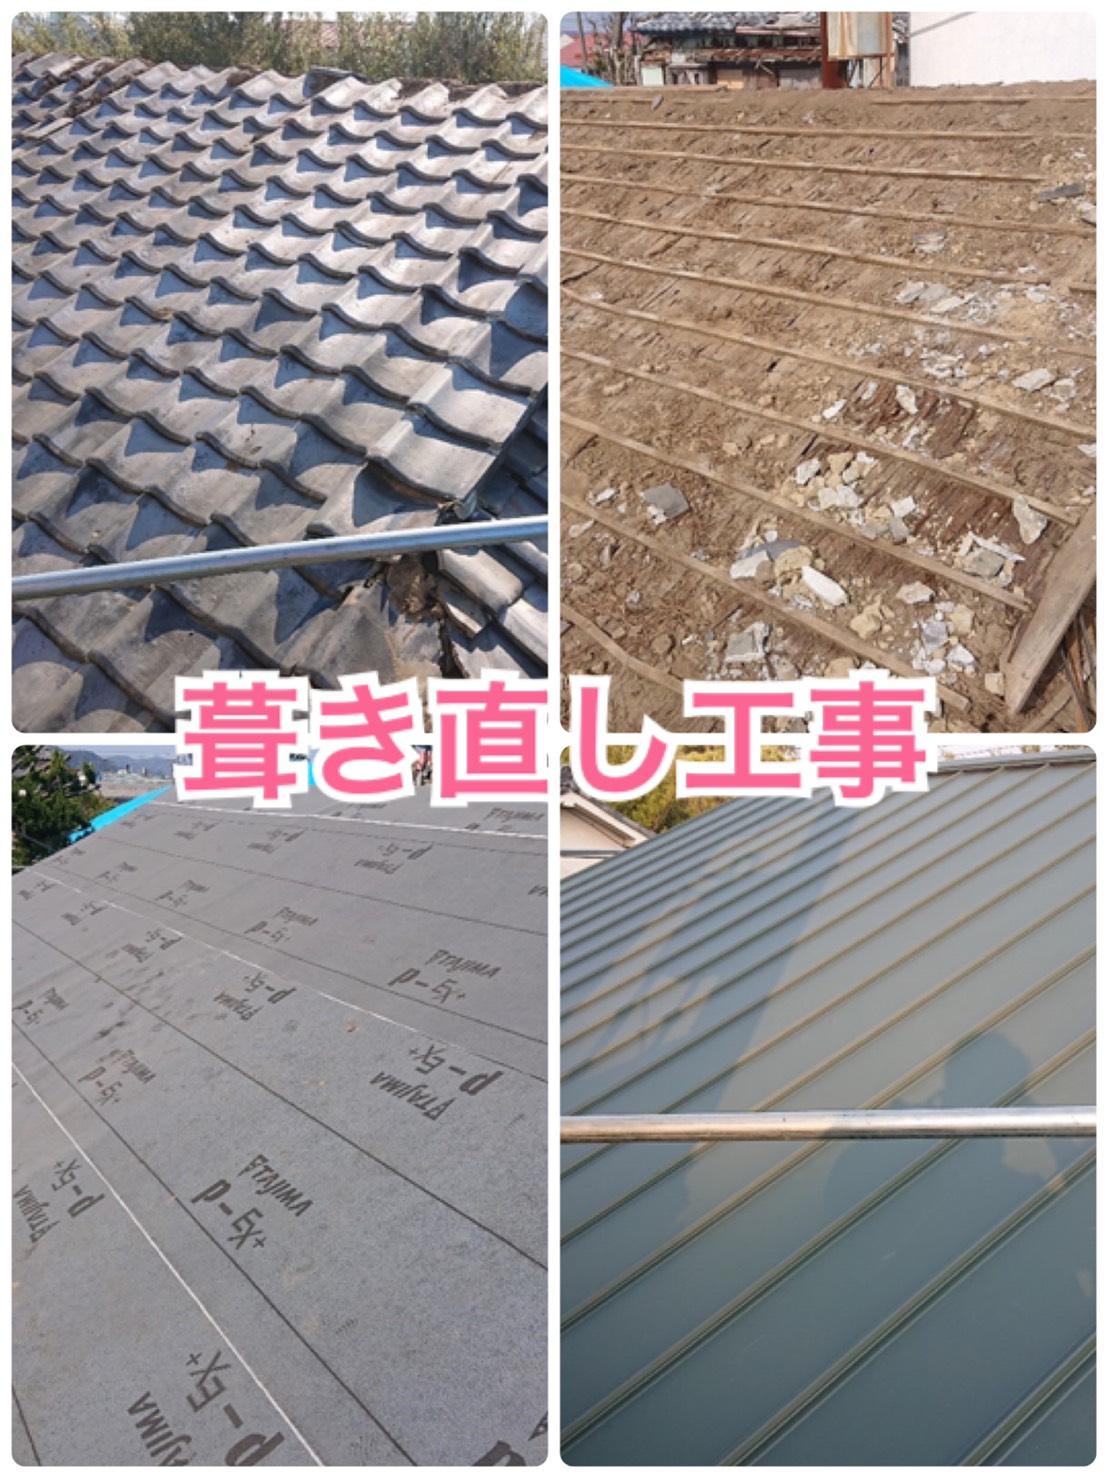 瓦屋根からスタンビーの屋根へ葺き替え工事